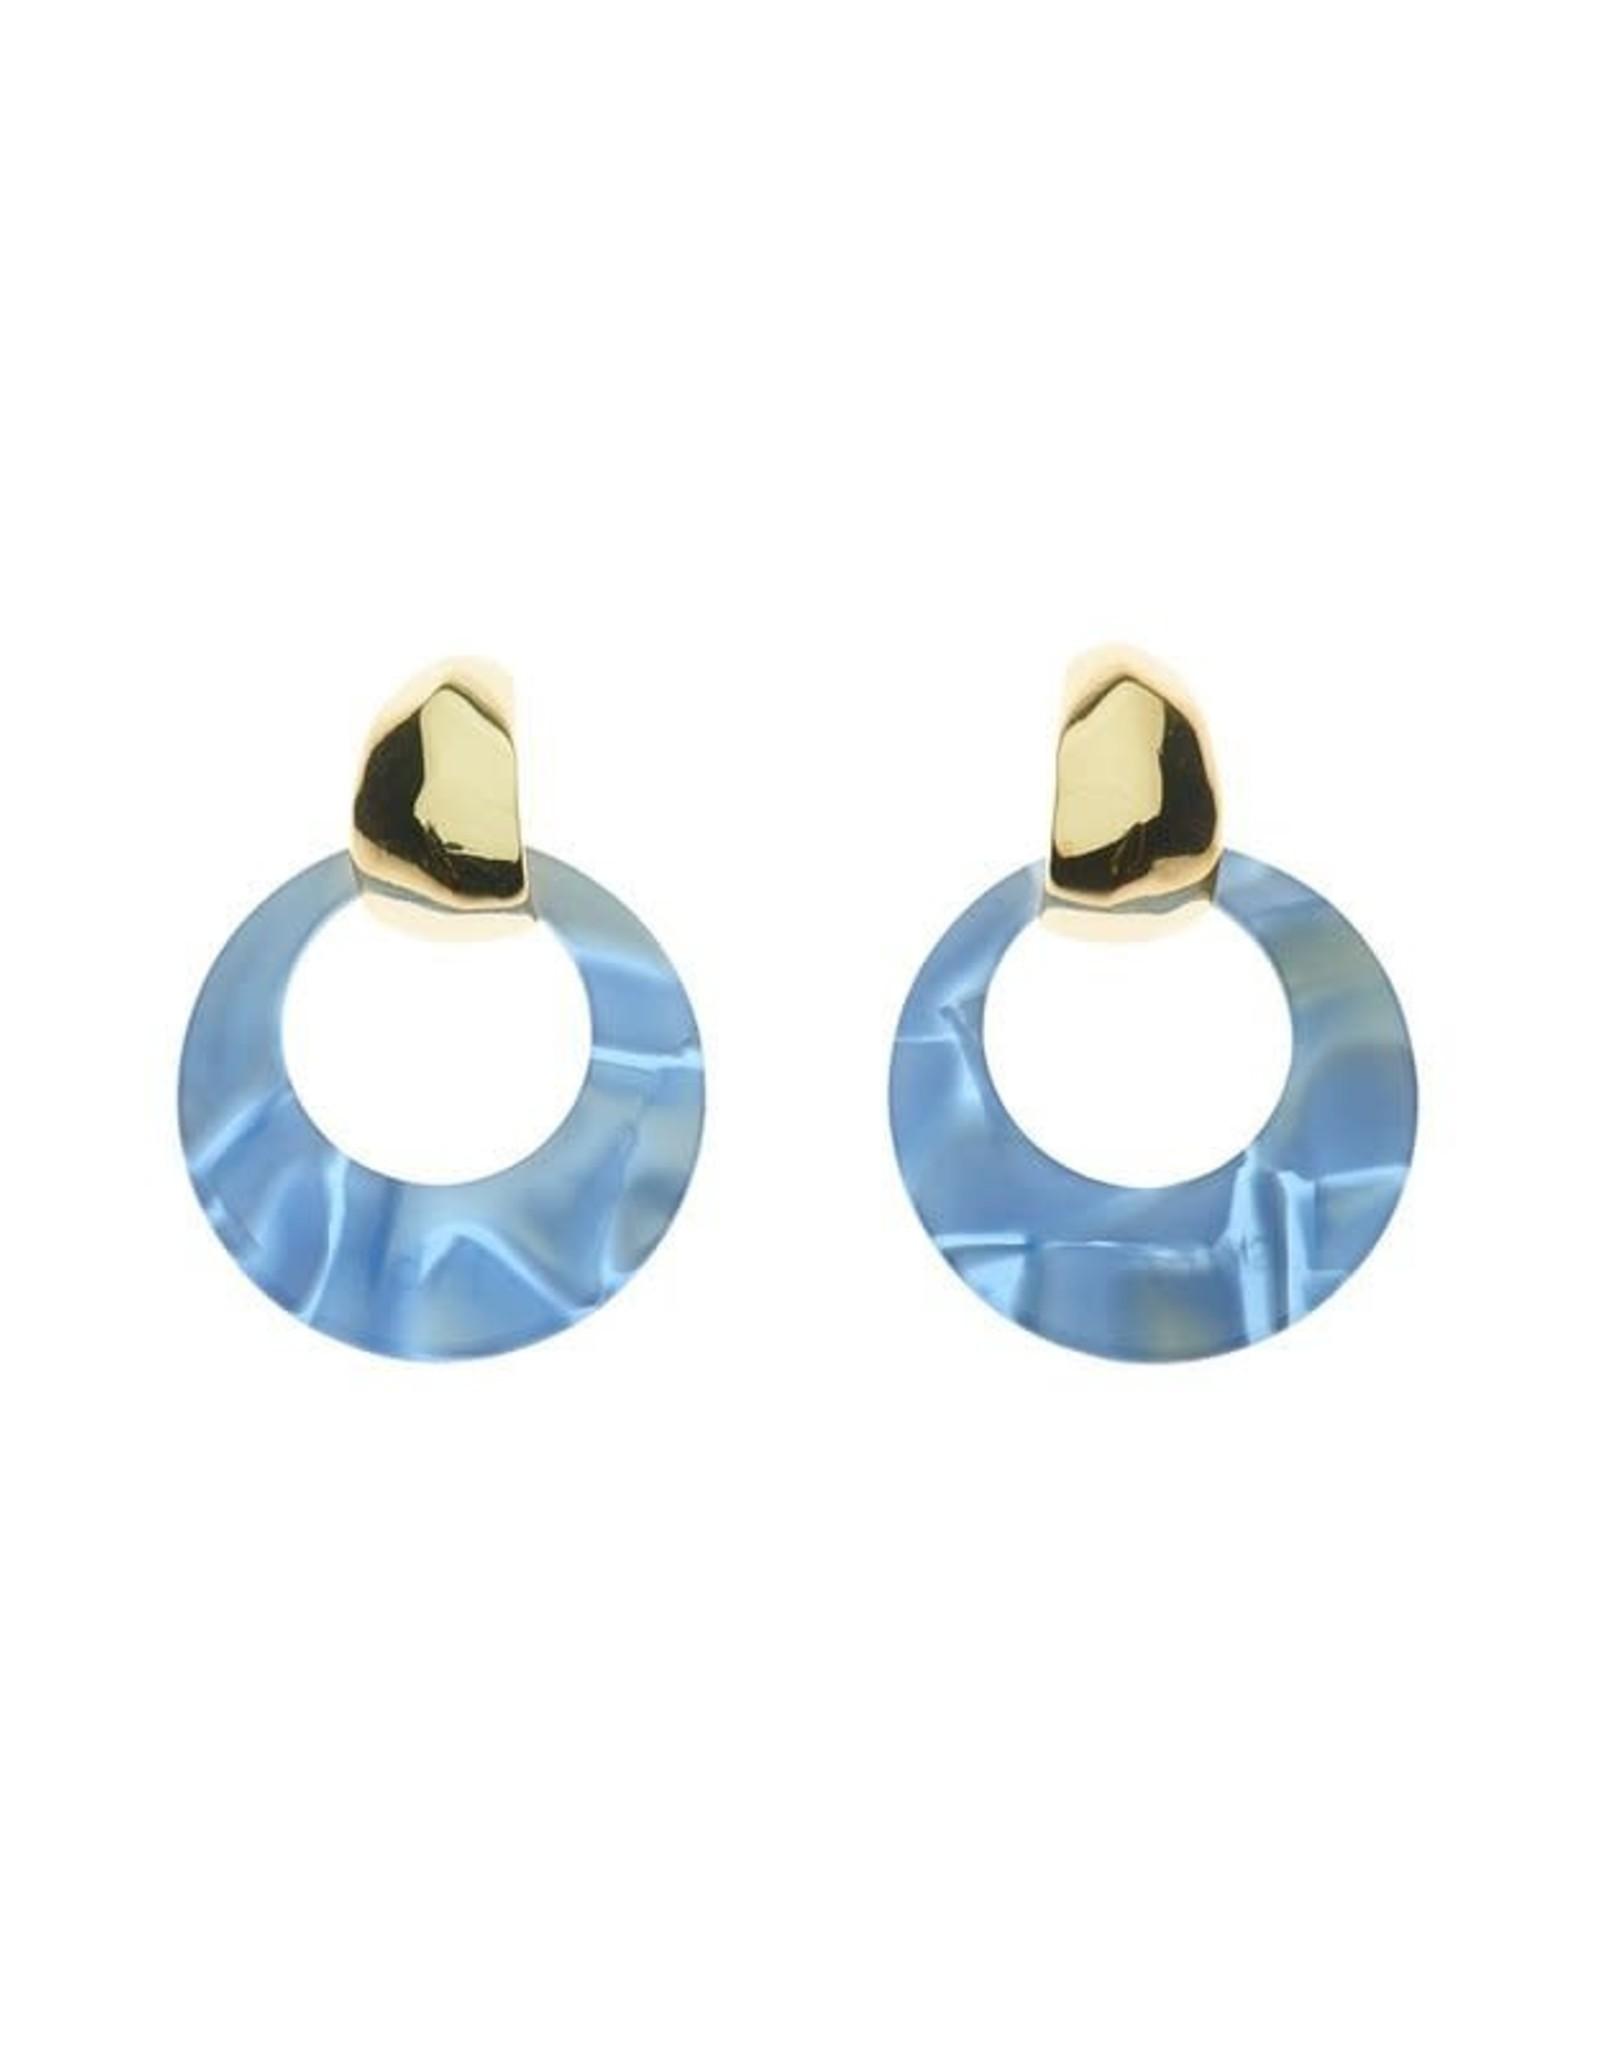 Biba Biba oorbel klein cirkeltje blauw met goud